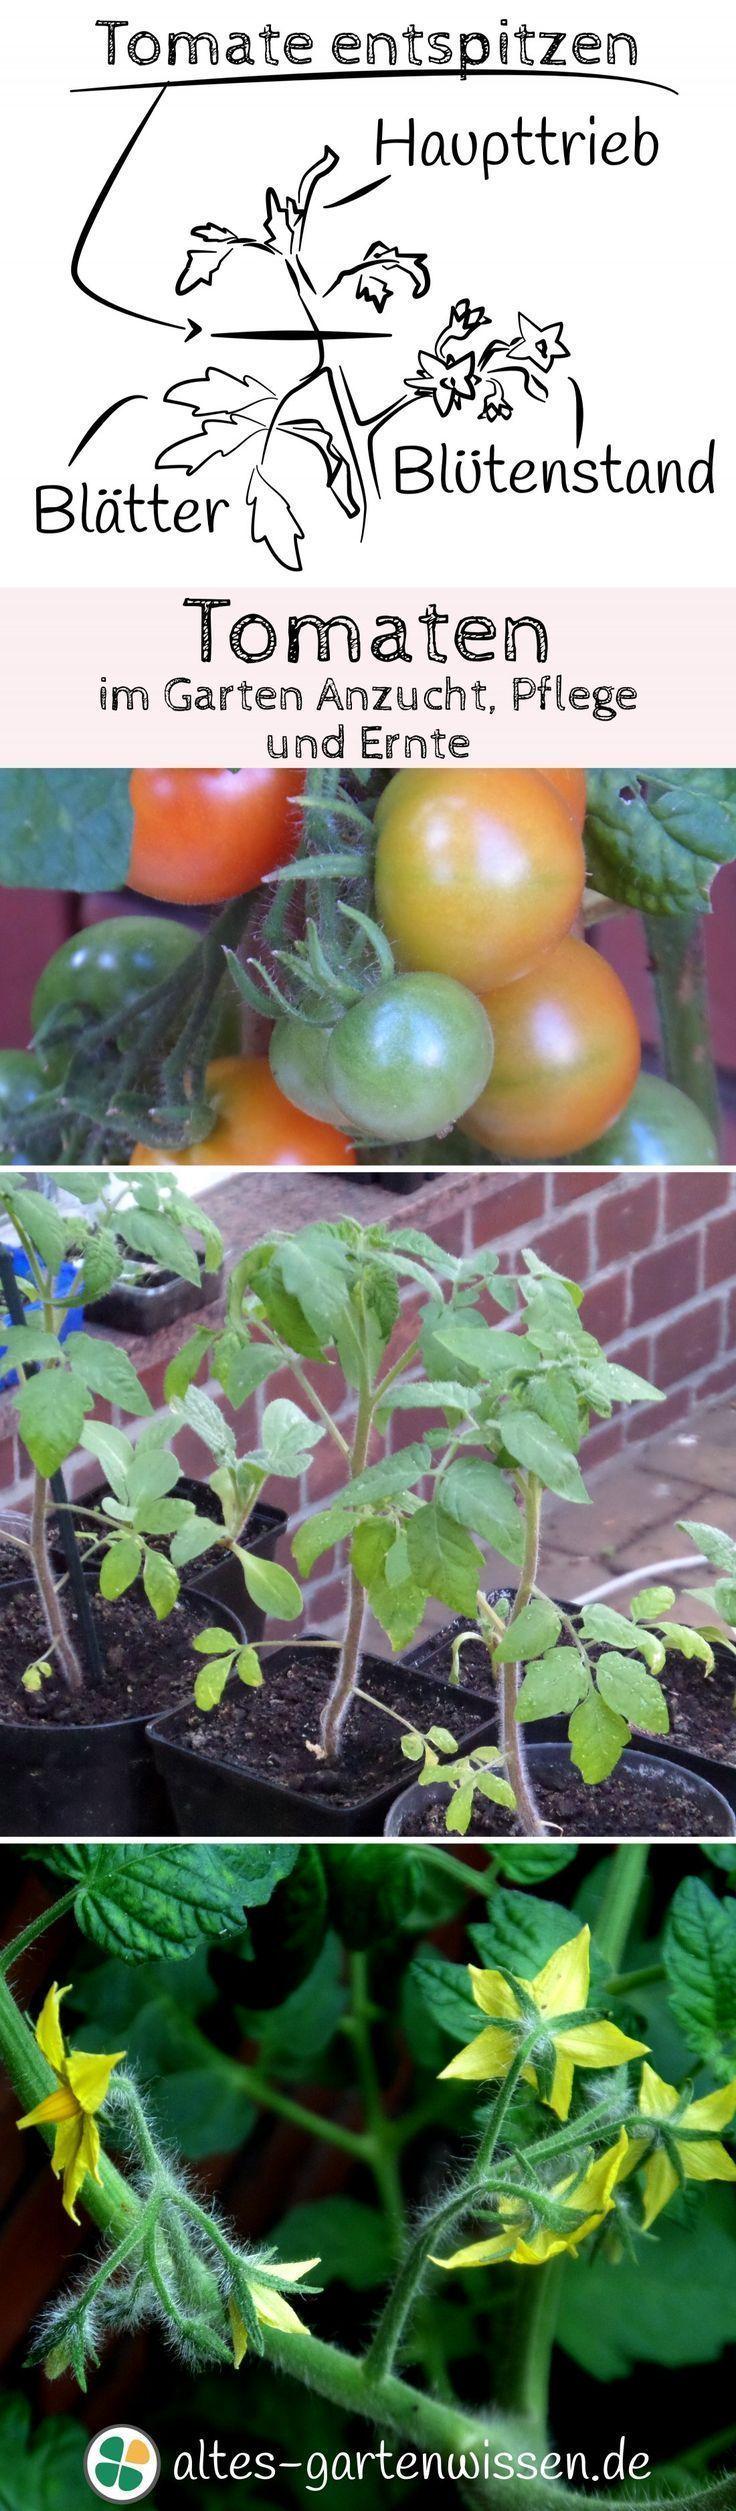 #Anzucht #eigenen #Ernte #Garten #Pflege #Tomaten  -  #Anzucht #eigenen #Ernte #Garten #Pflege #Tomaten #tomatenzüchten